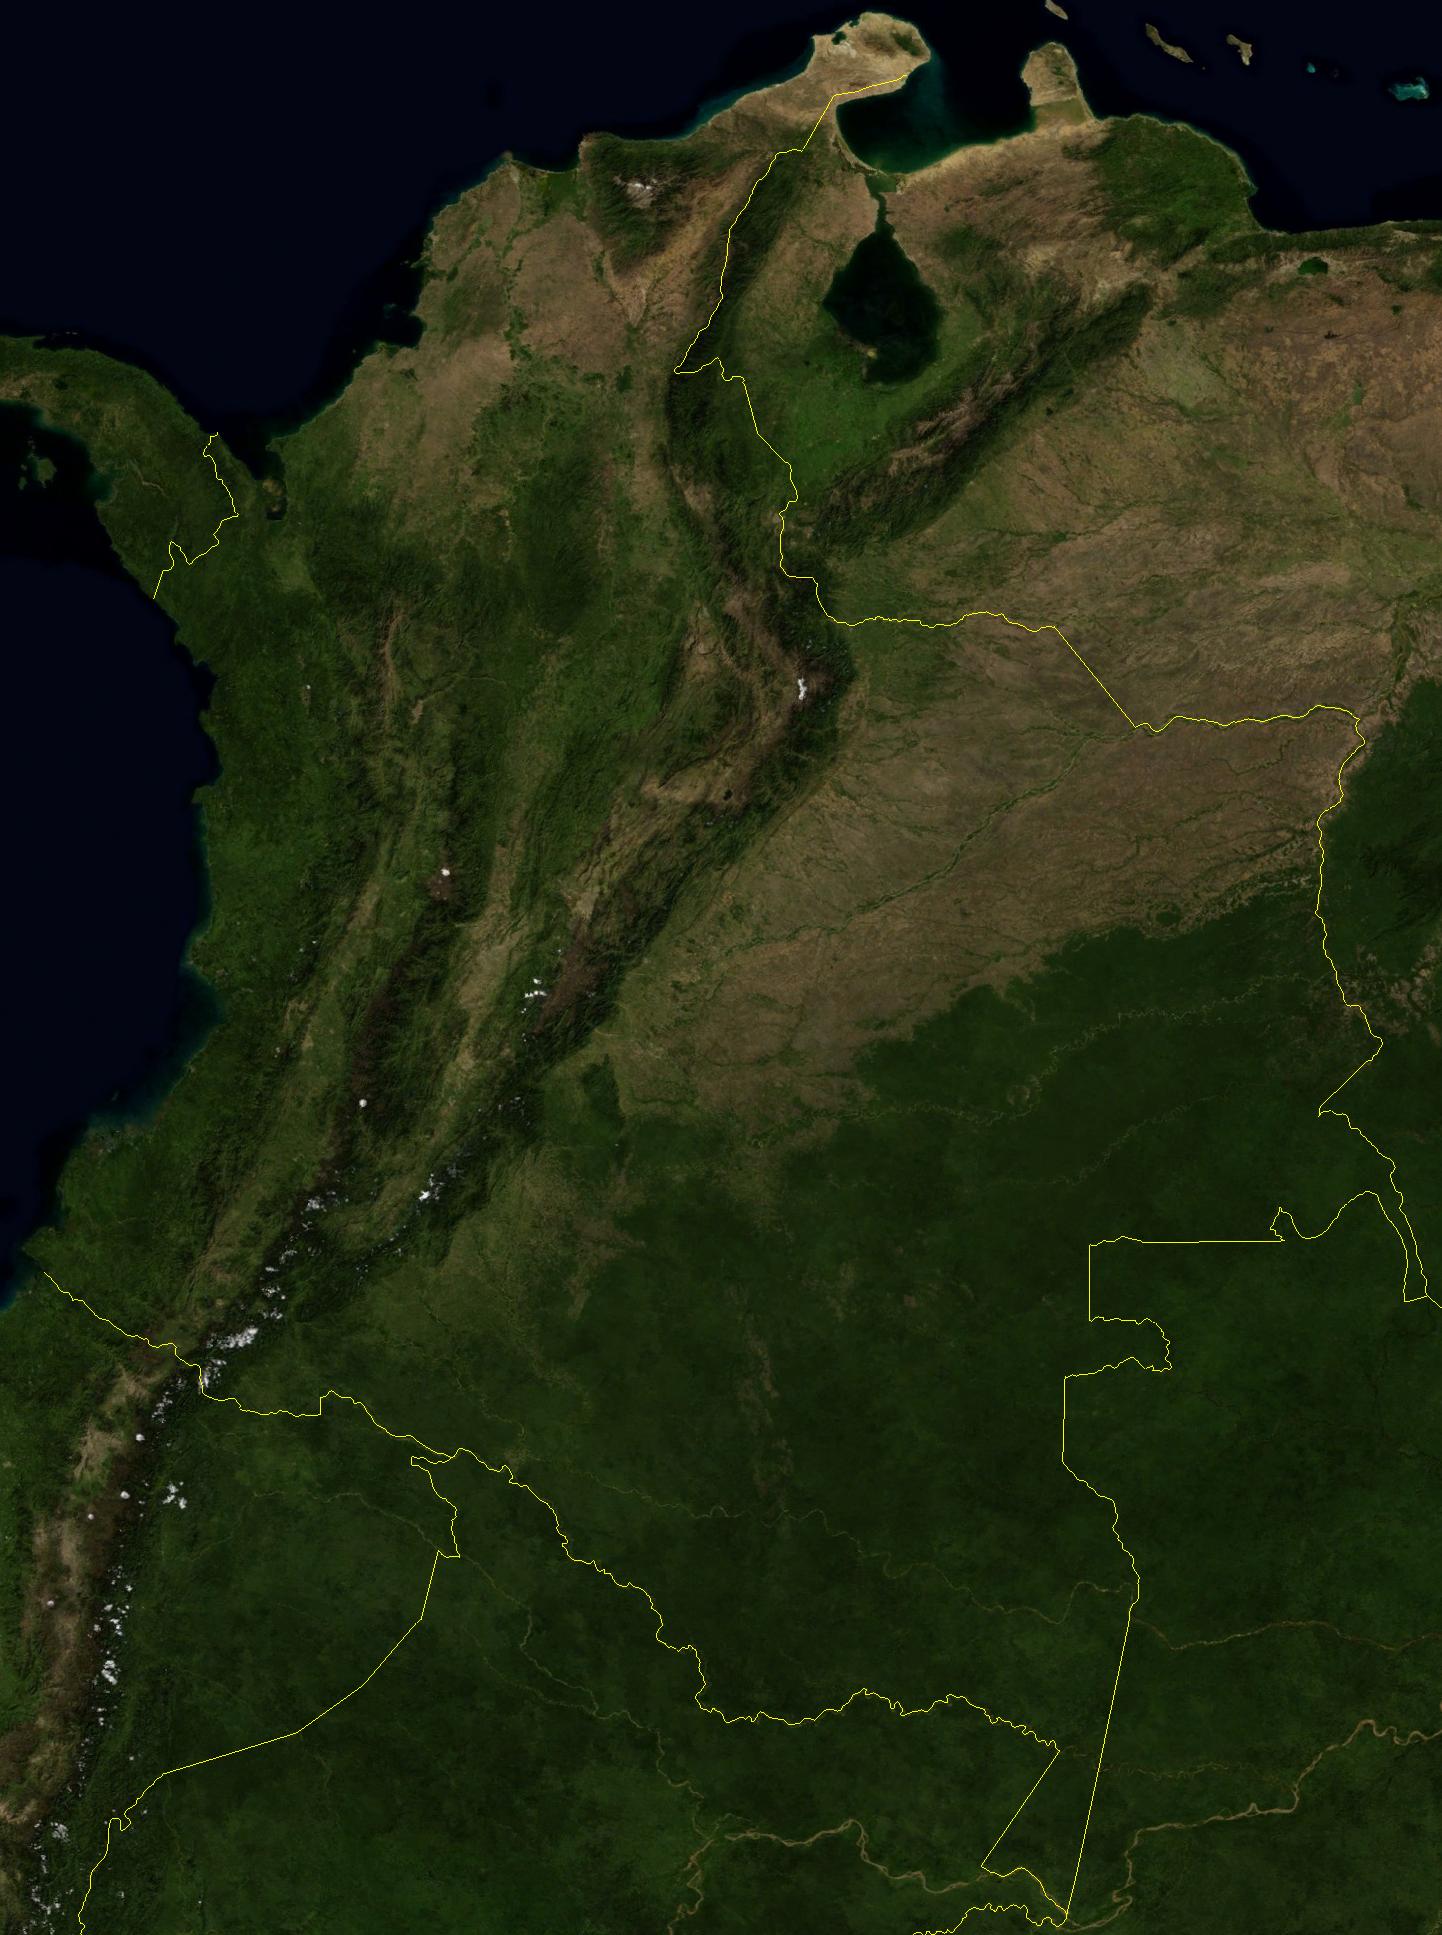 Santos pedirá el ingreso de Colombia en la OTAN - Página 2 Colombia_SatPic_BMNG